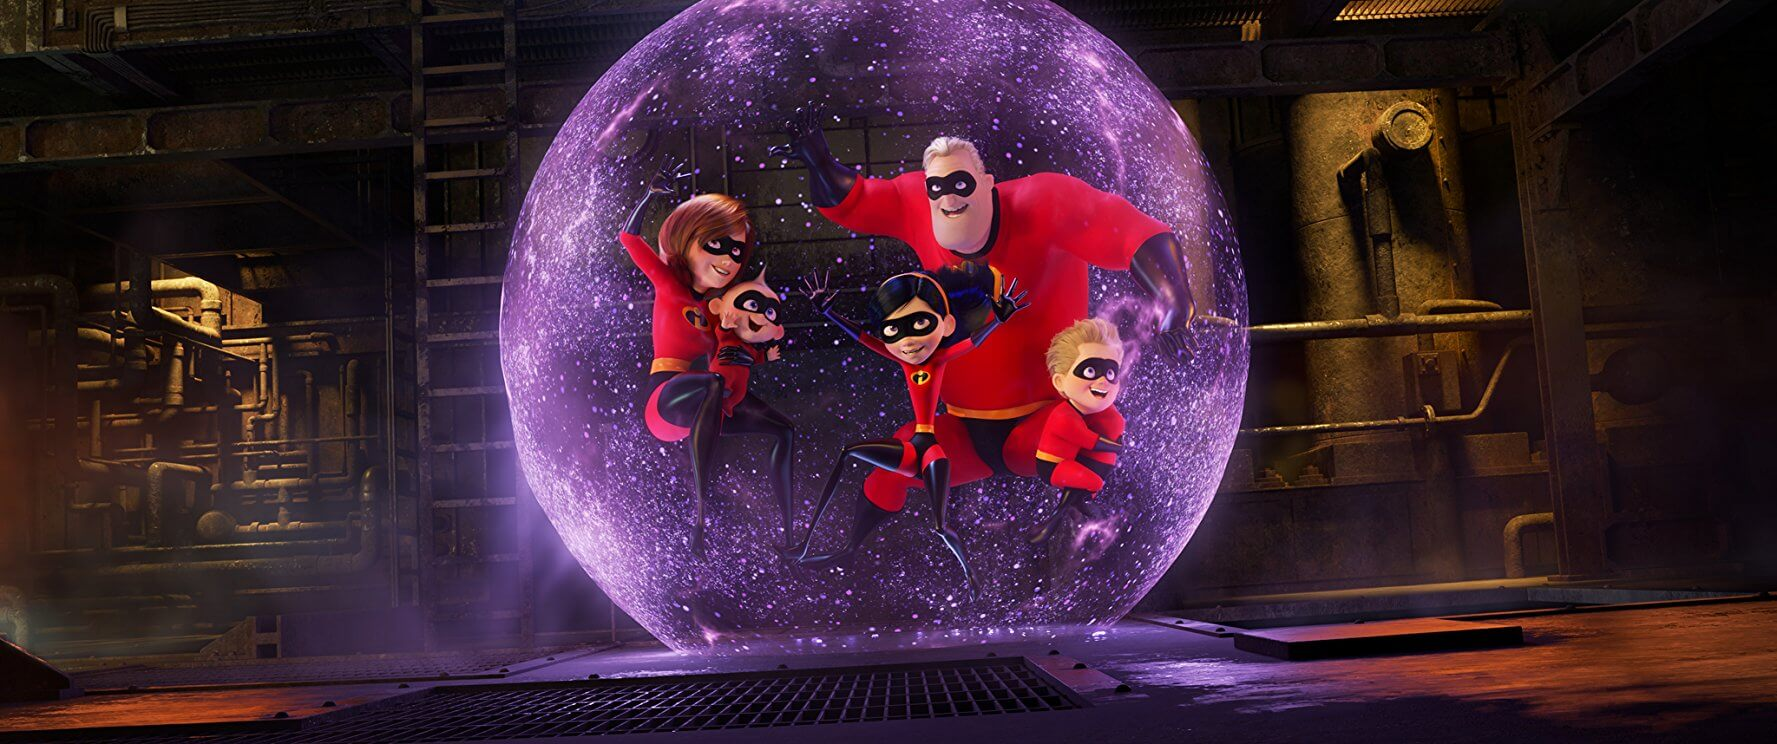 Gia đình siêu nhân 2 - Incredibles 2